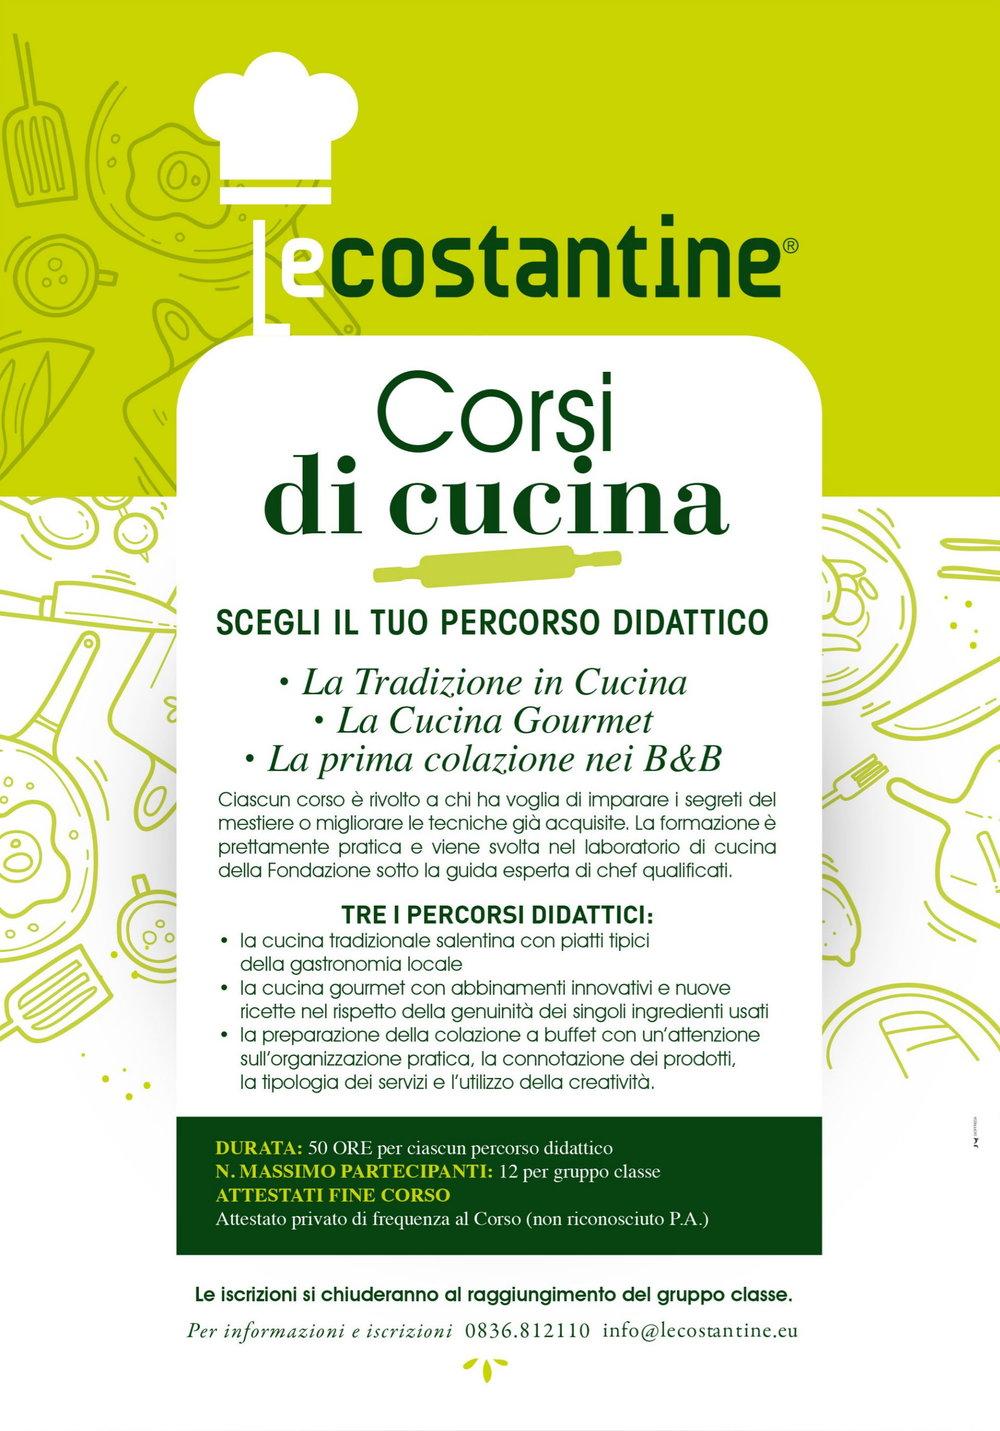 Fondazione-Le-Costantine-Corsi-cucina.jpg